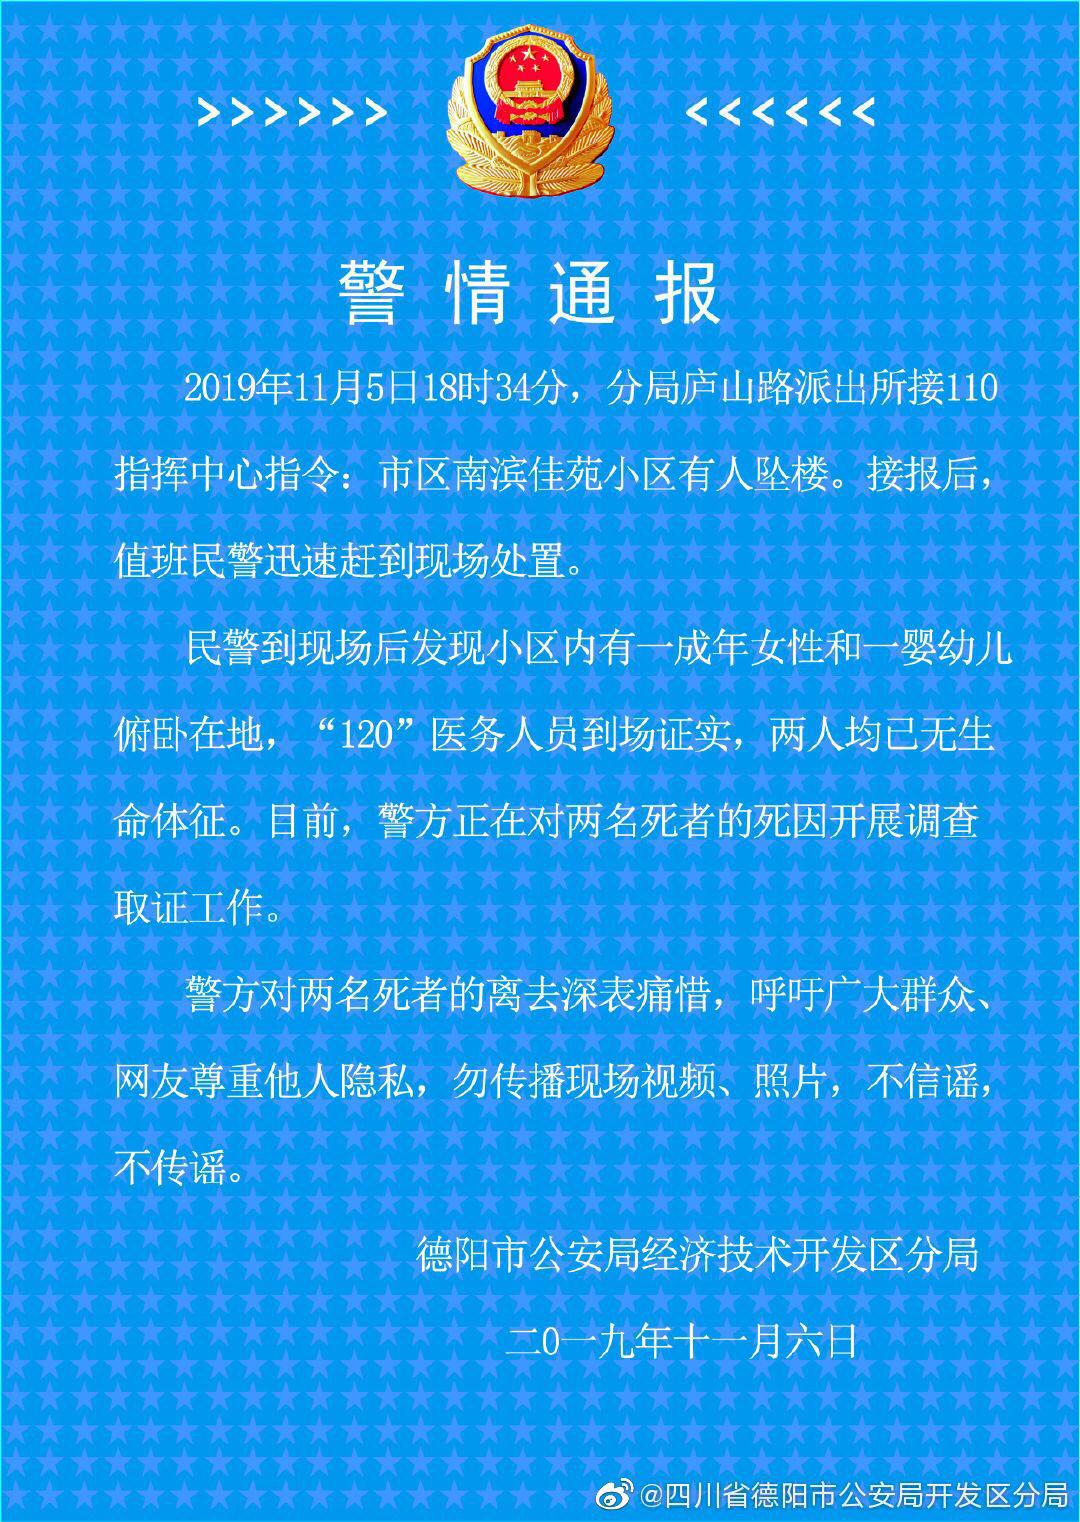 澳门葡京mg平台下载·日本人的匠心,往往都展现在不起眼的细节内……